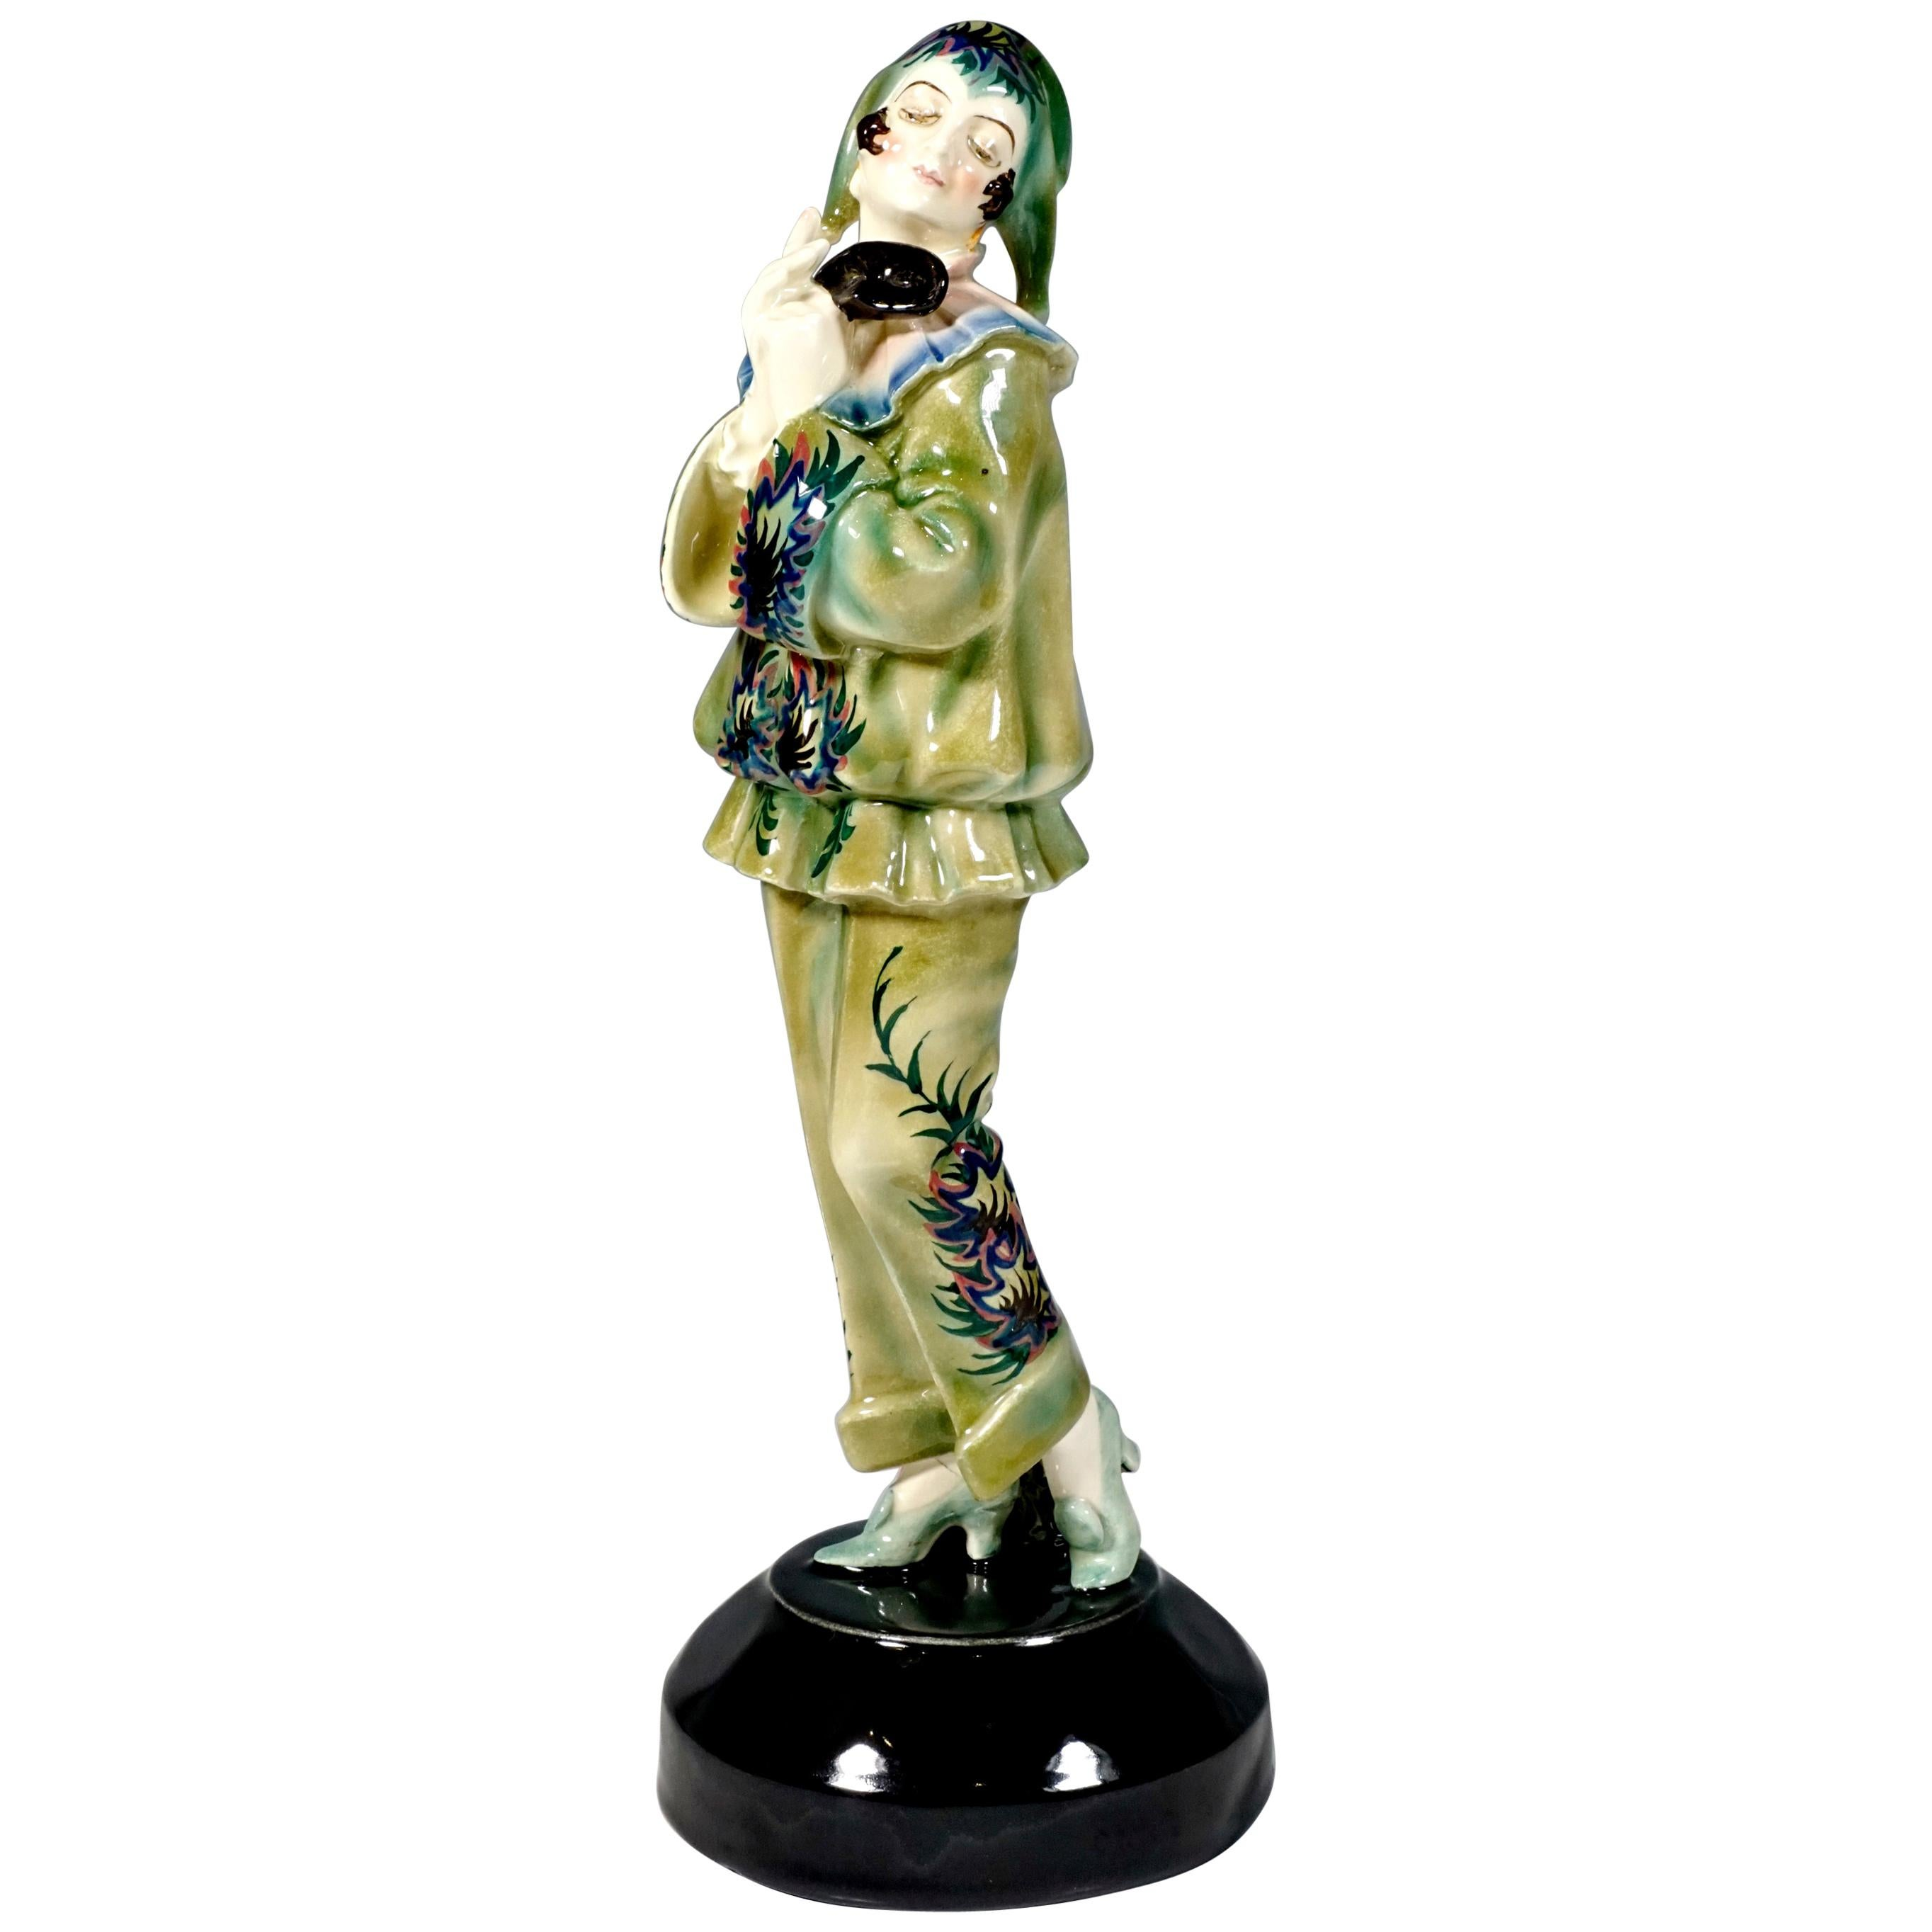 Goldscheider Art Deco Figurine 'Pierrette' by Dakon & Lorenzl, circa 1925